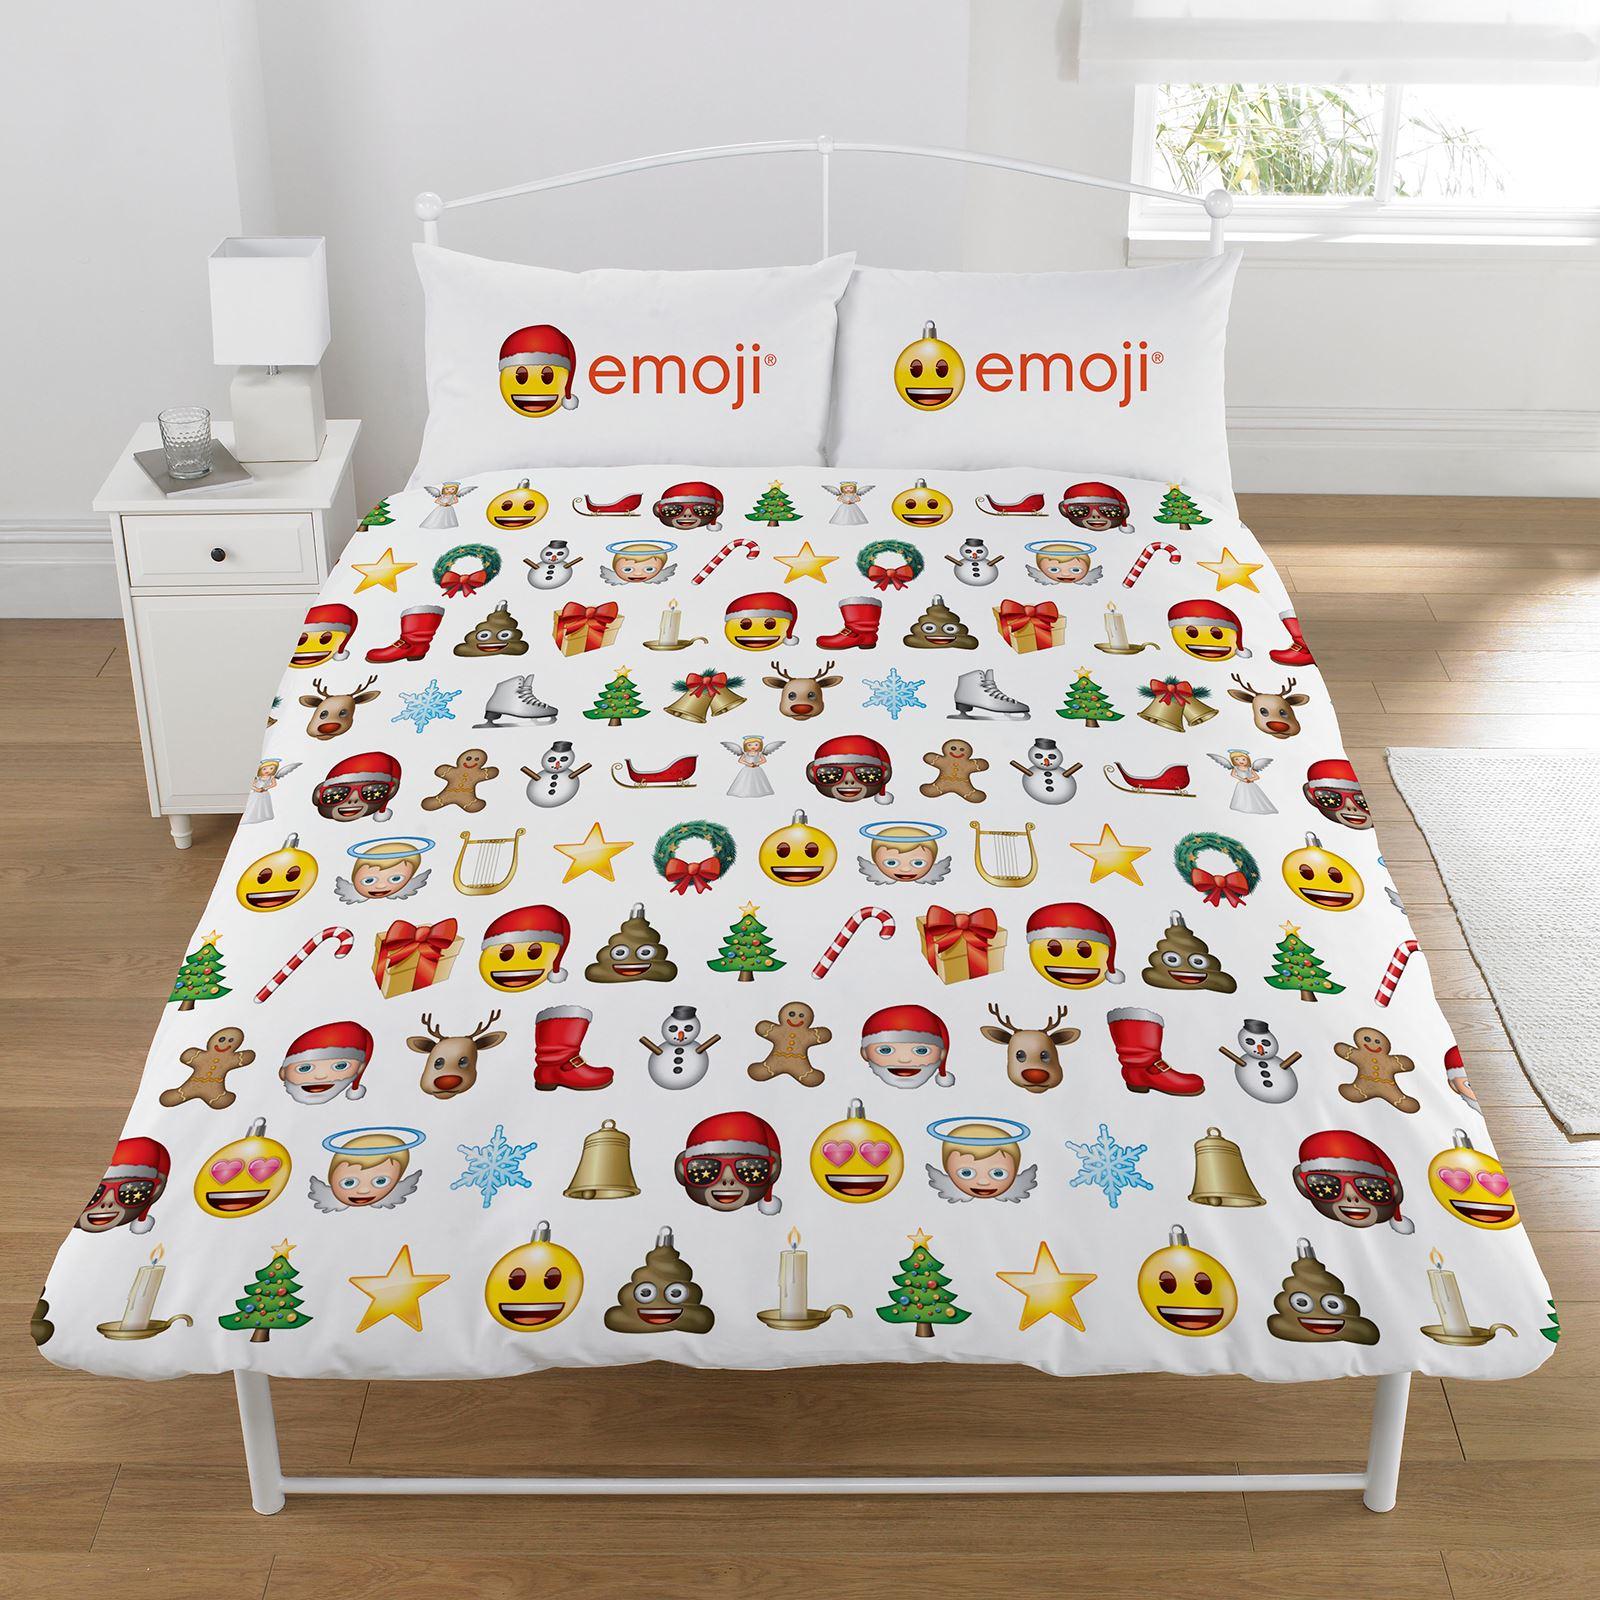 emoji bettbezug sets einzel doppel lustig smiley. Black Bedroom Furniture Sets. Home Design Ideas